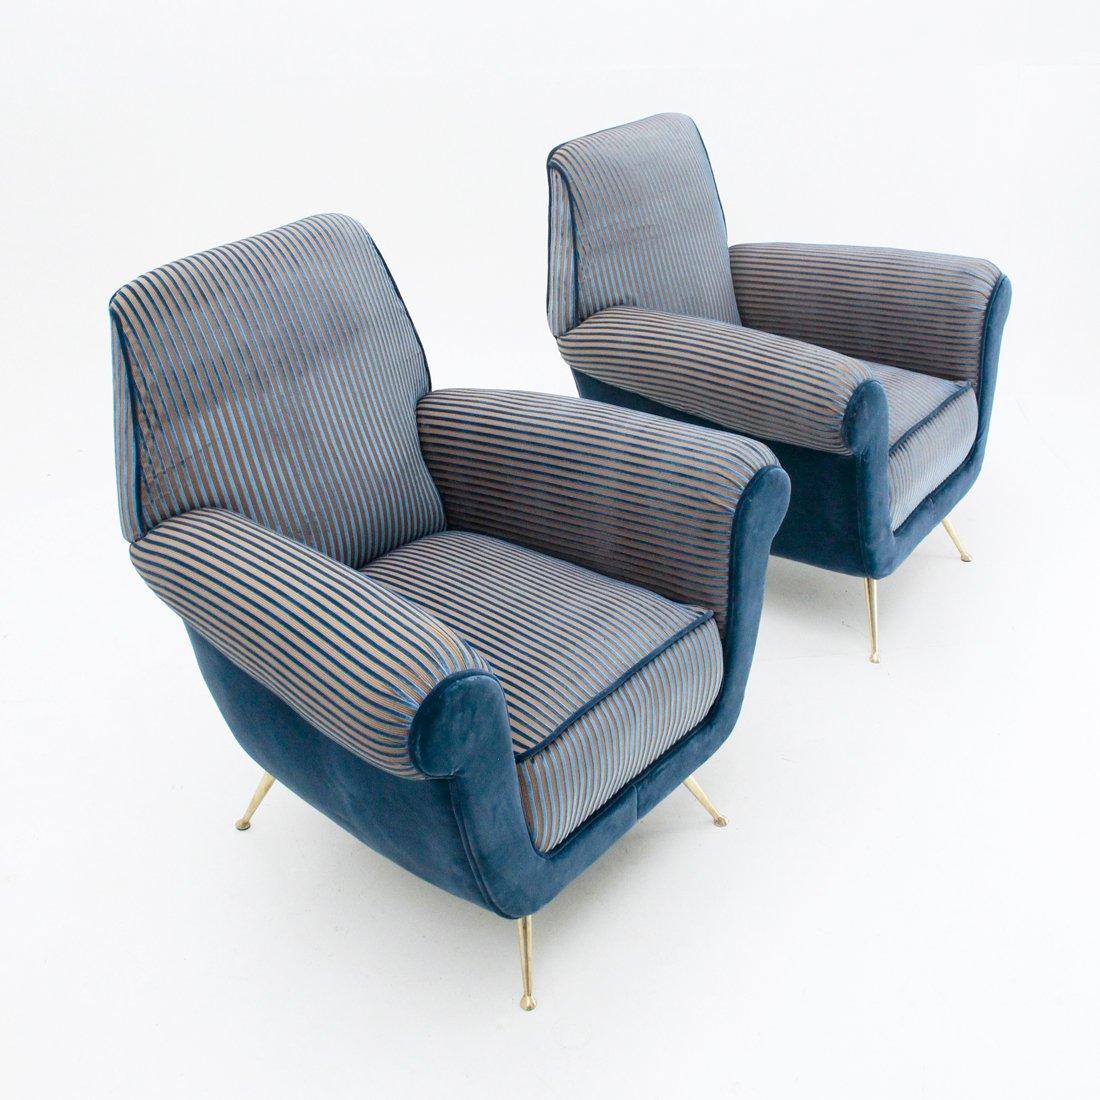 abbie sofa navy art van clearance samt sessel blau williamflooring